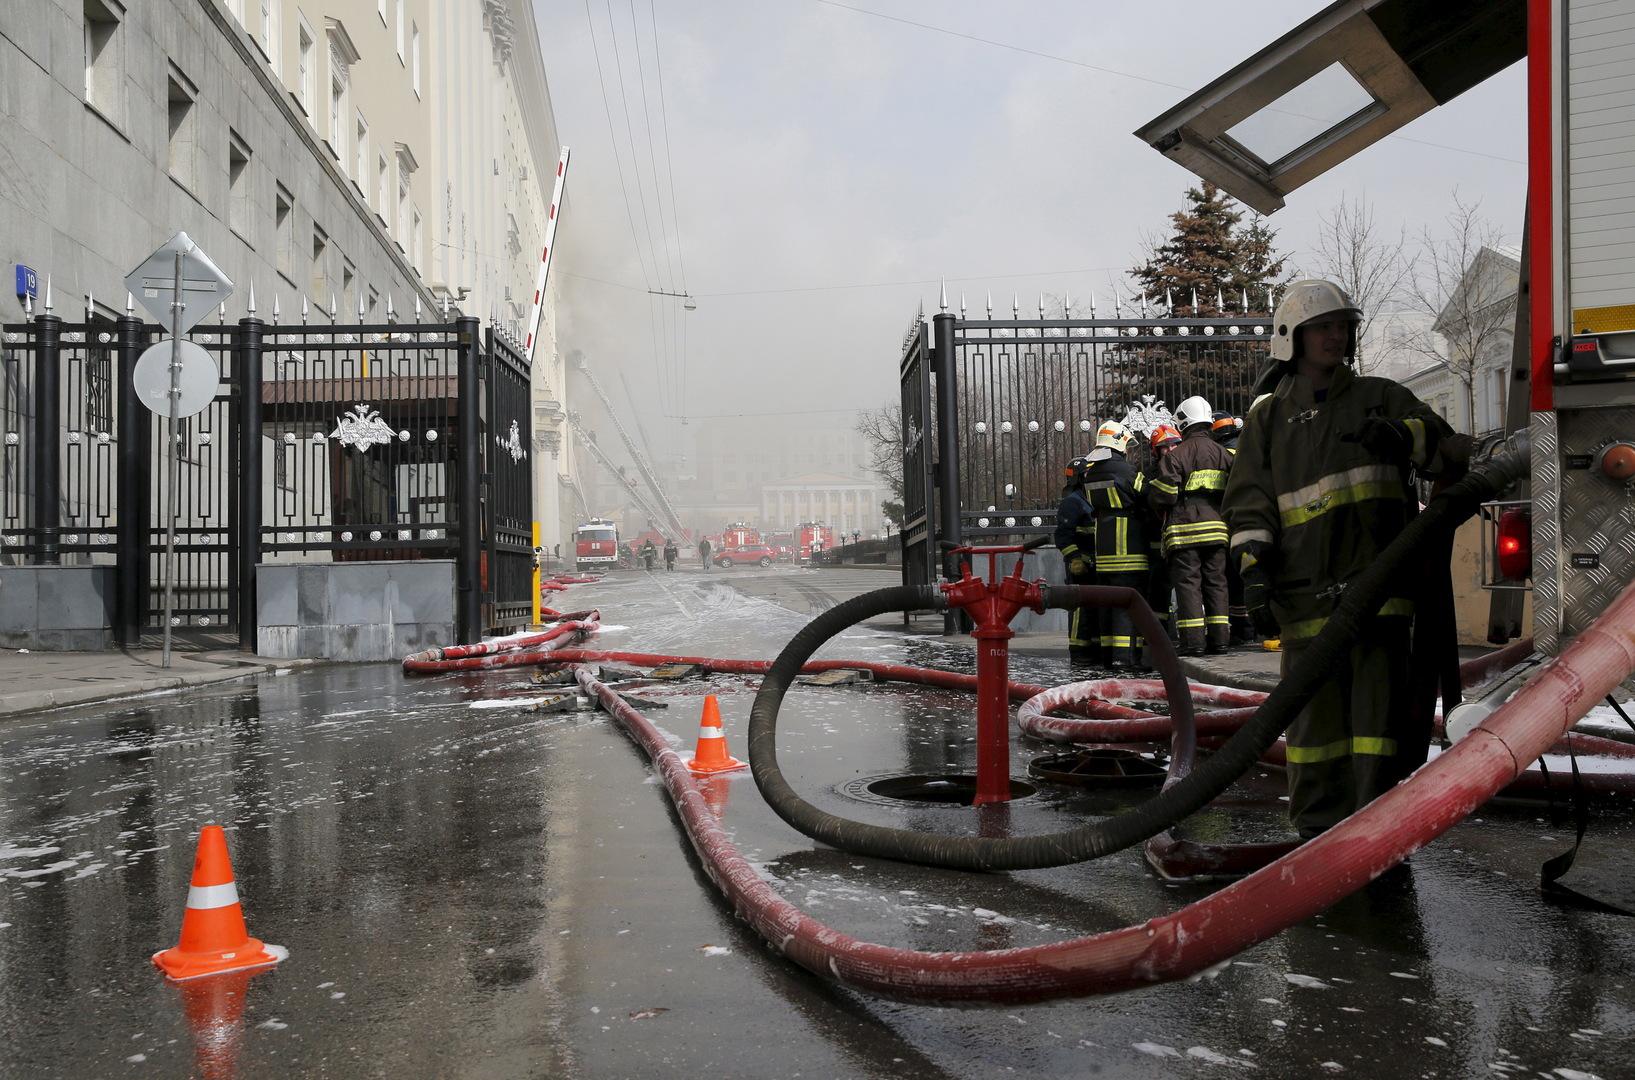 إعلان حالة الطوارئ في مدينة تشيليابينسك الروسية جراء حريق في مستشفى